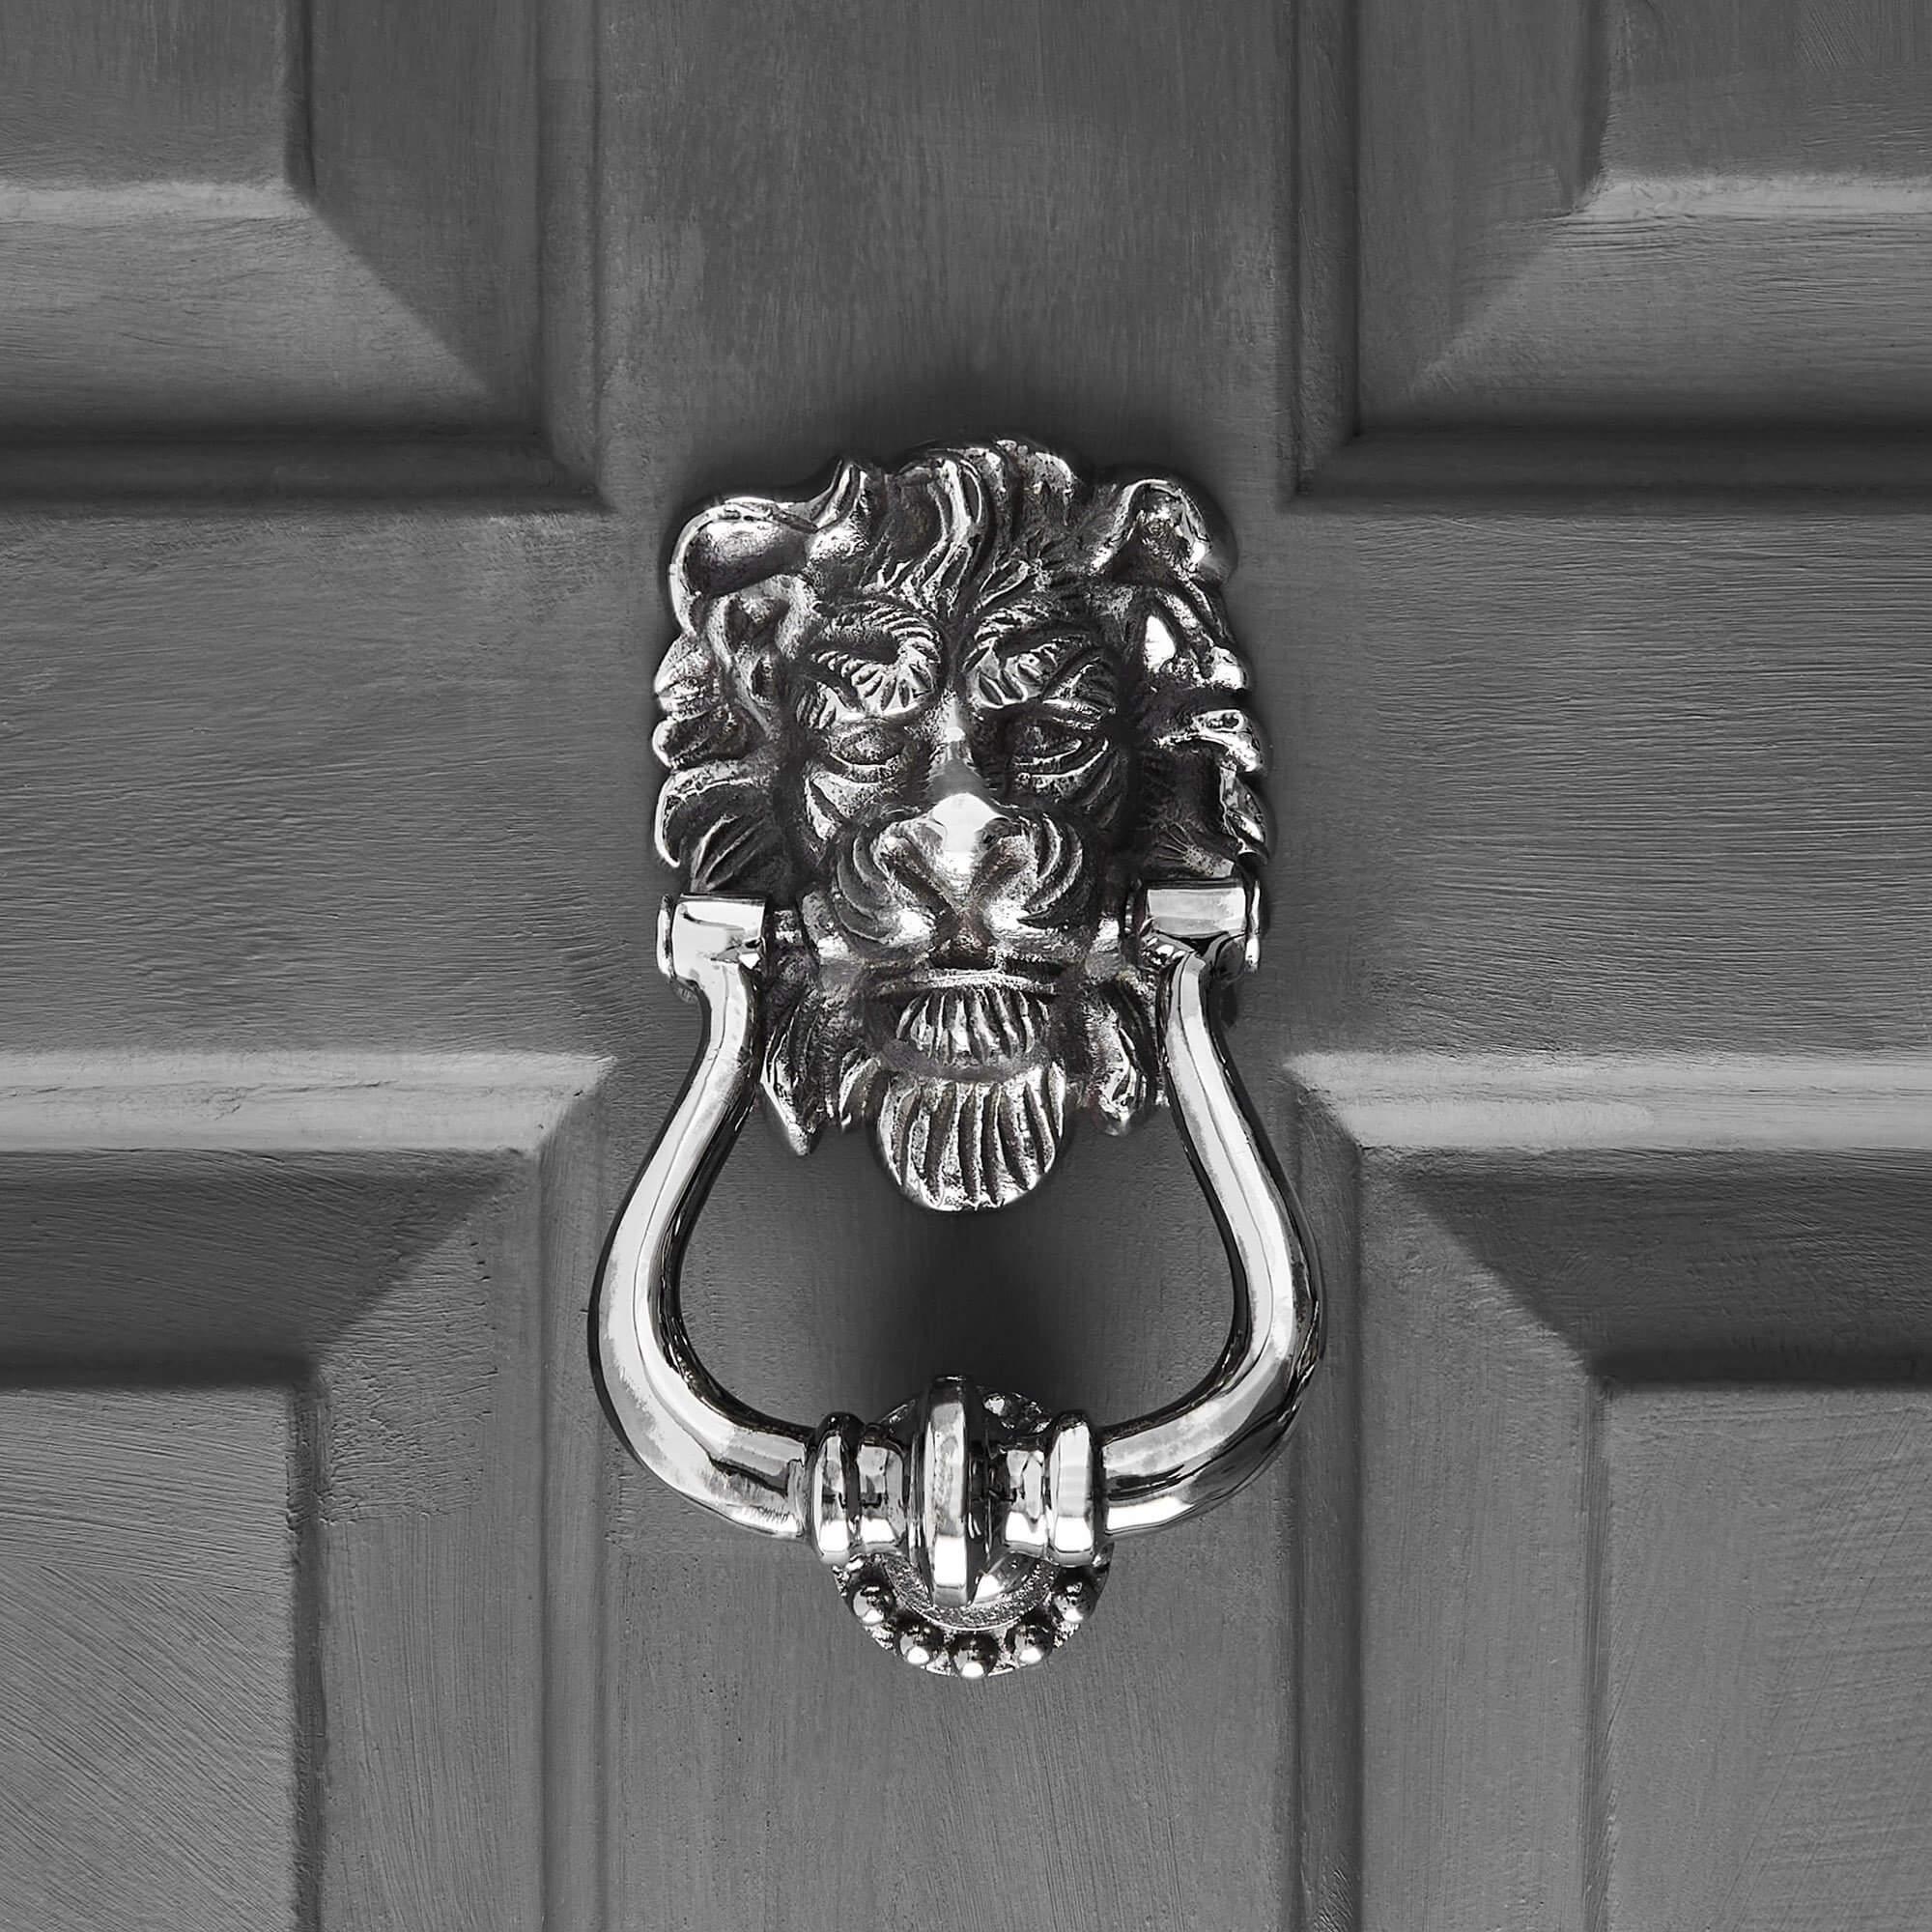 Lions Head Door Knocker - Aged Nickel